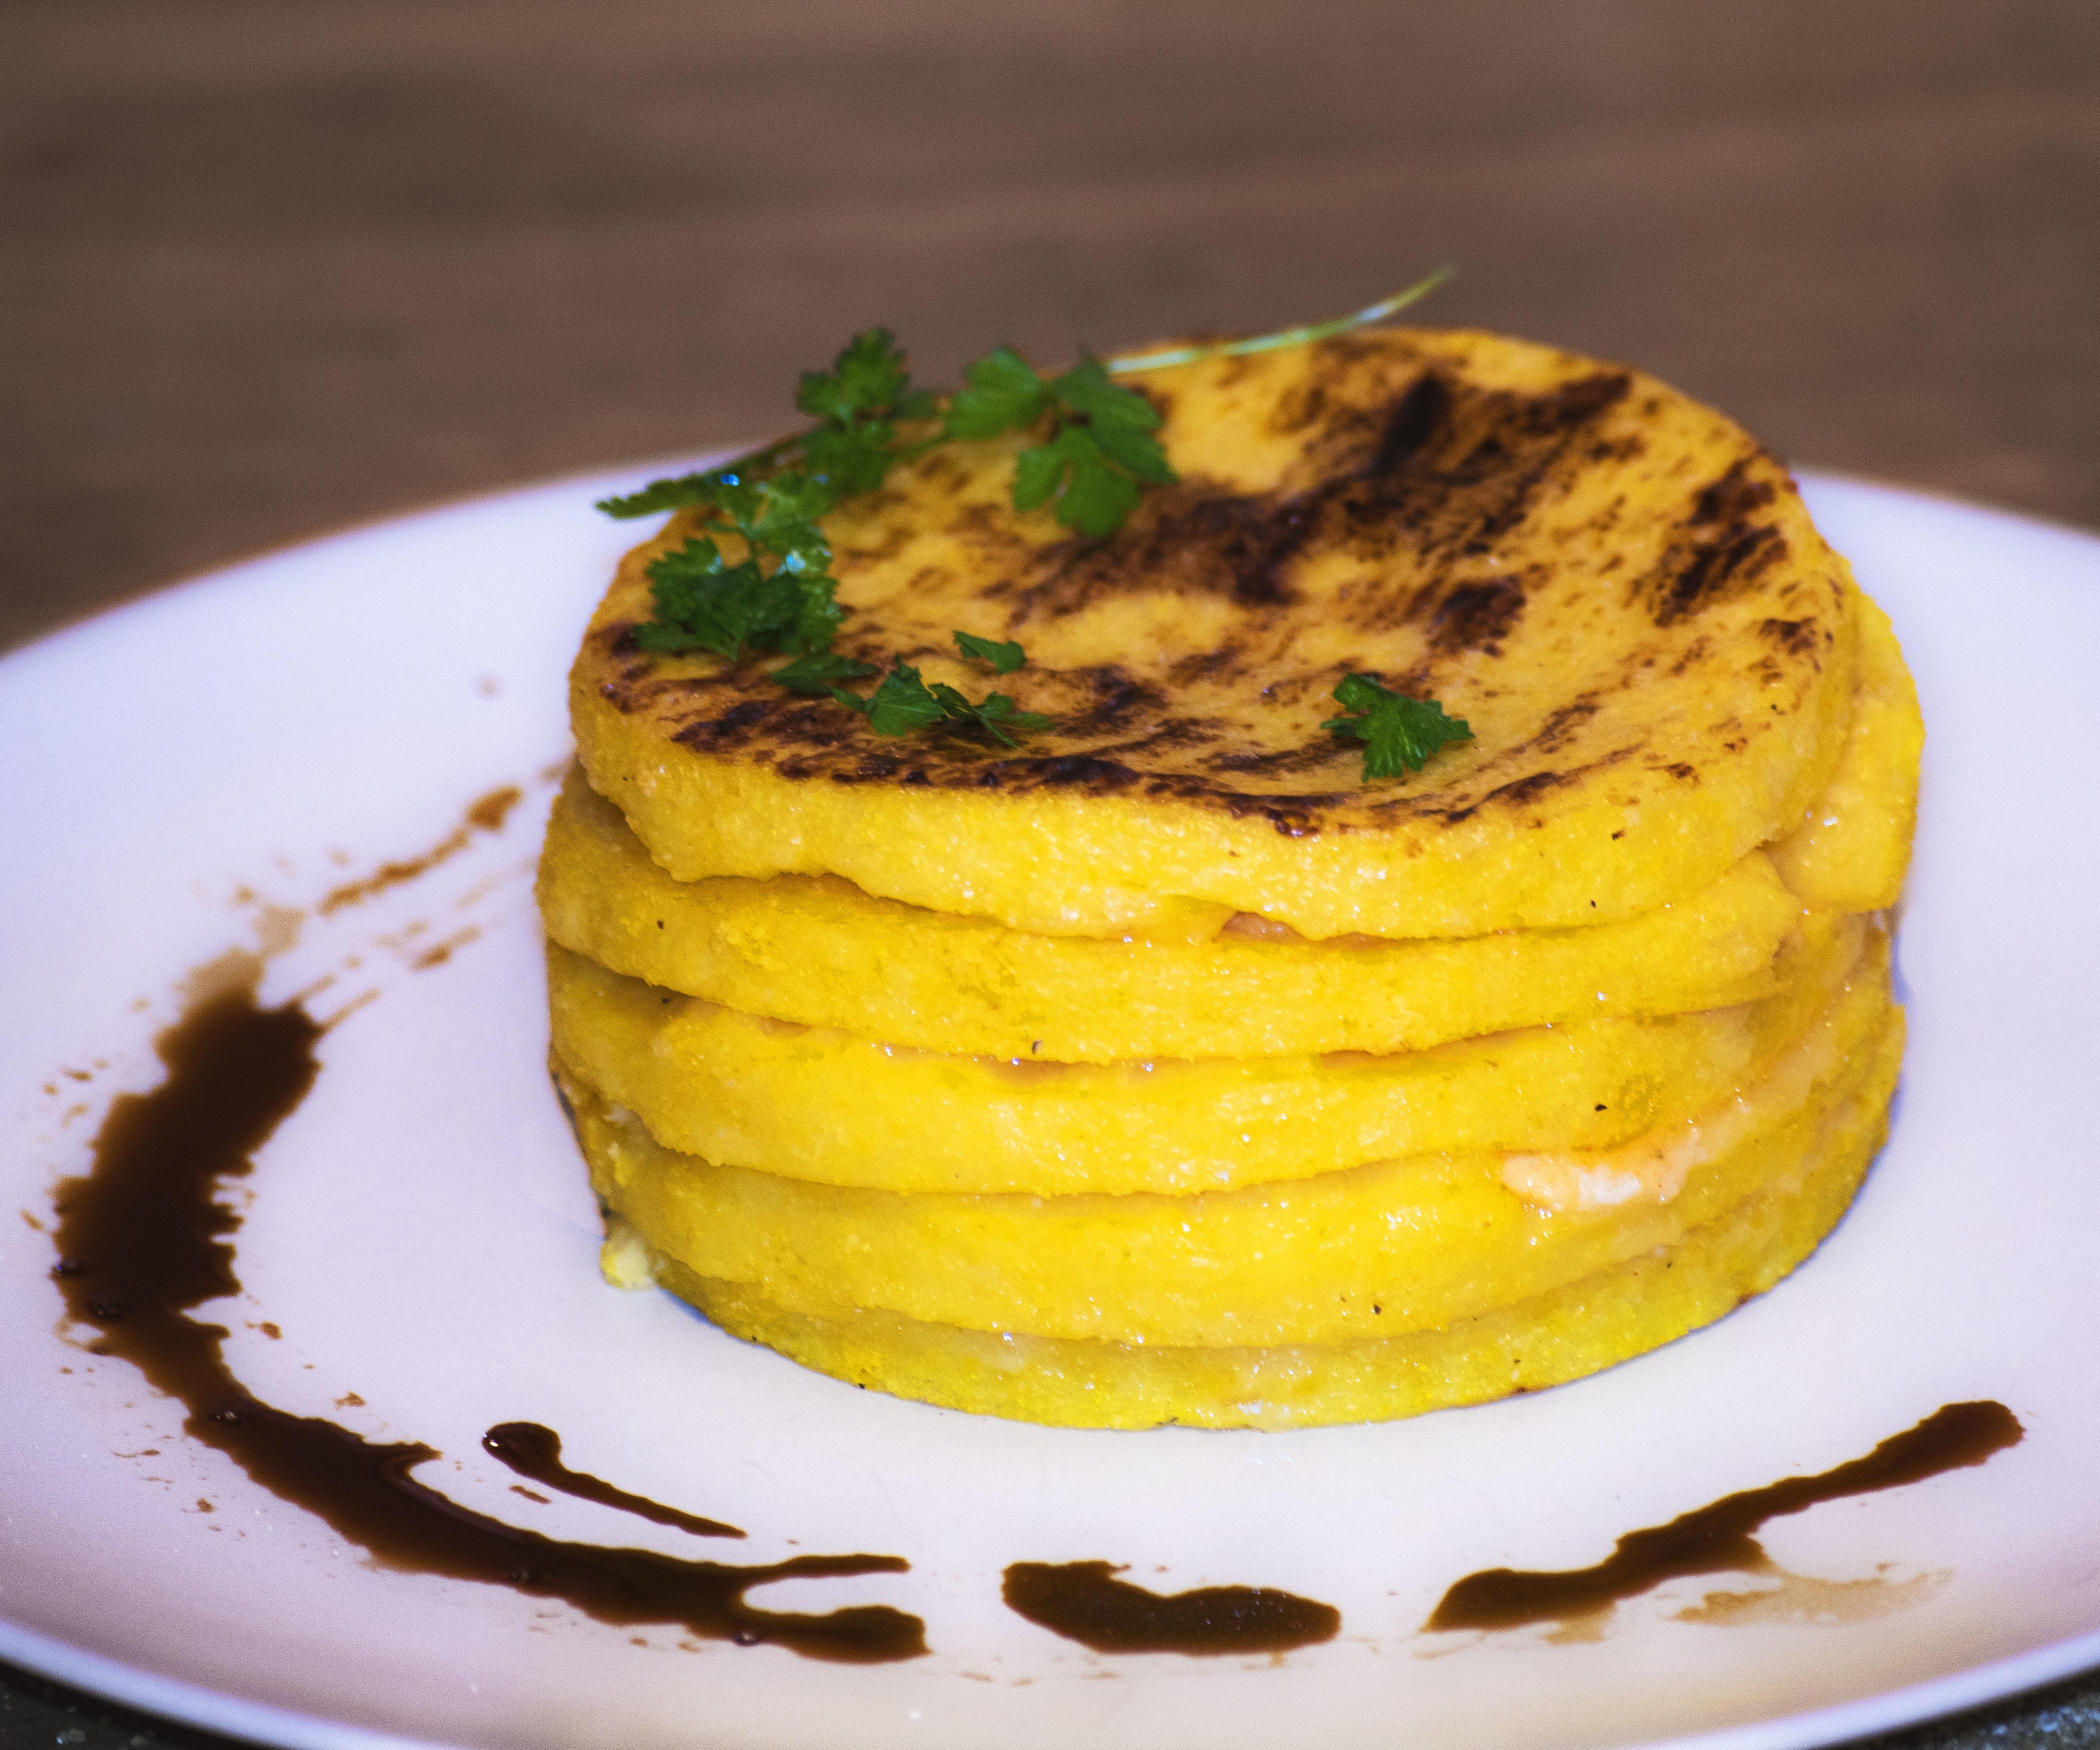 Awesome Polenta Cake